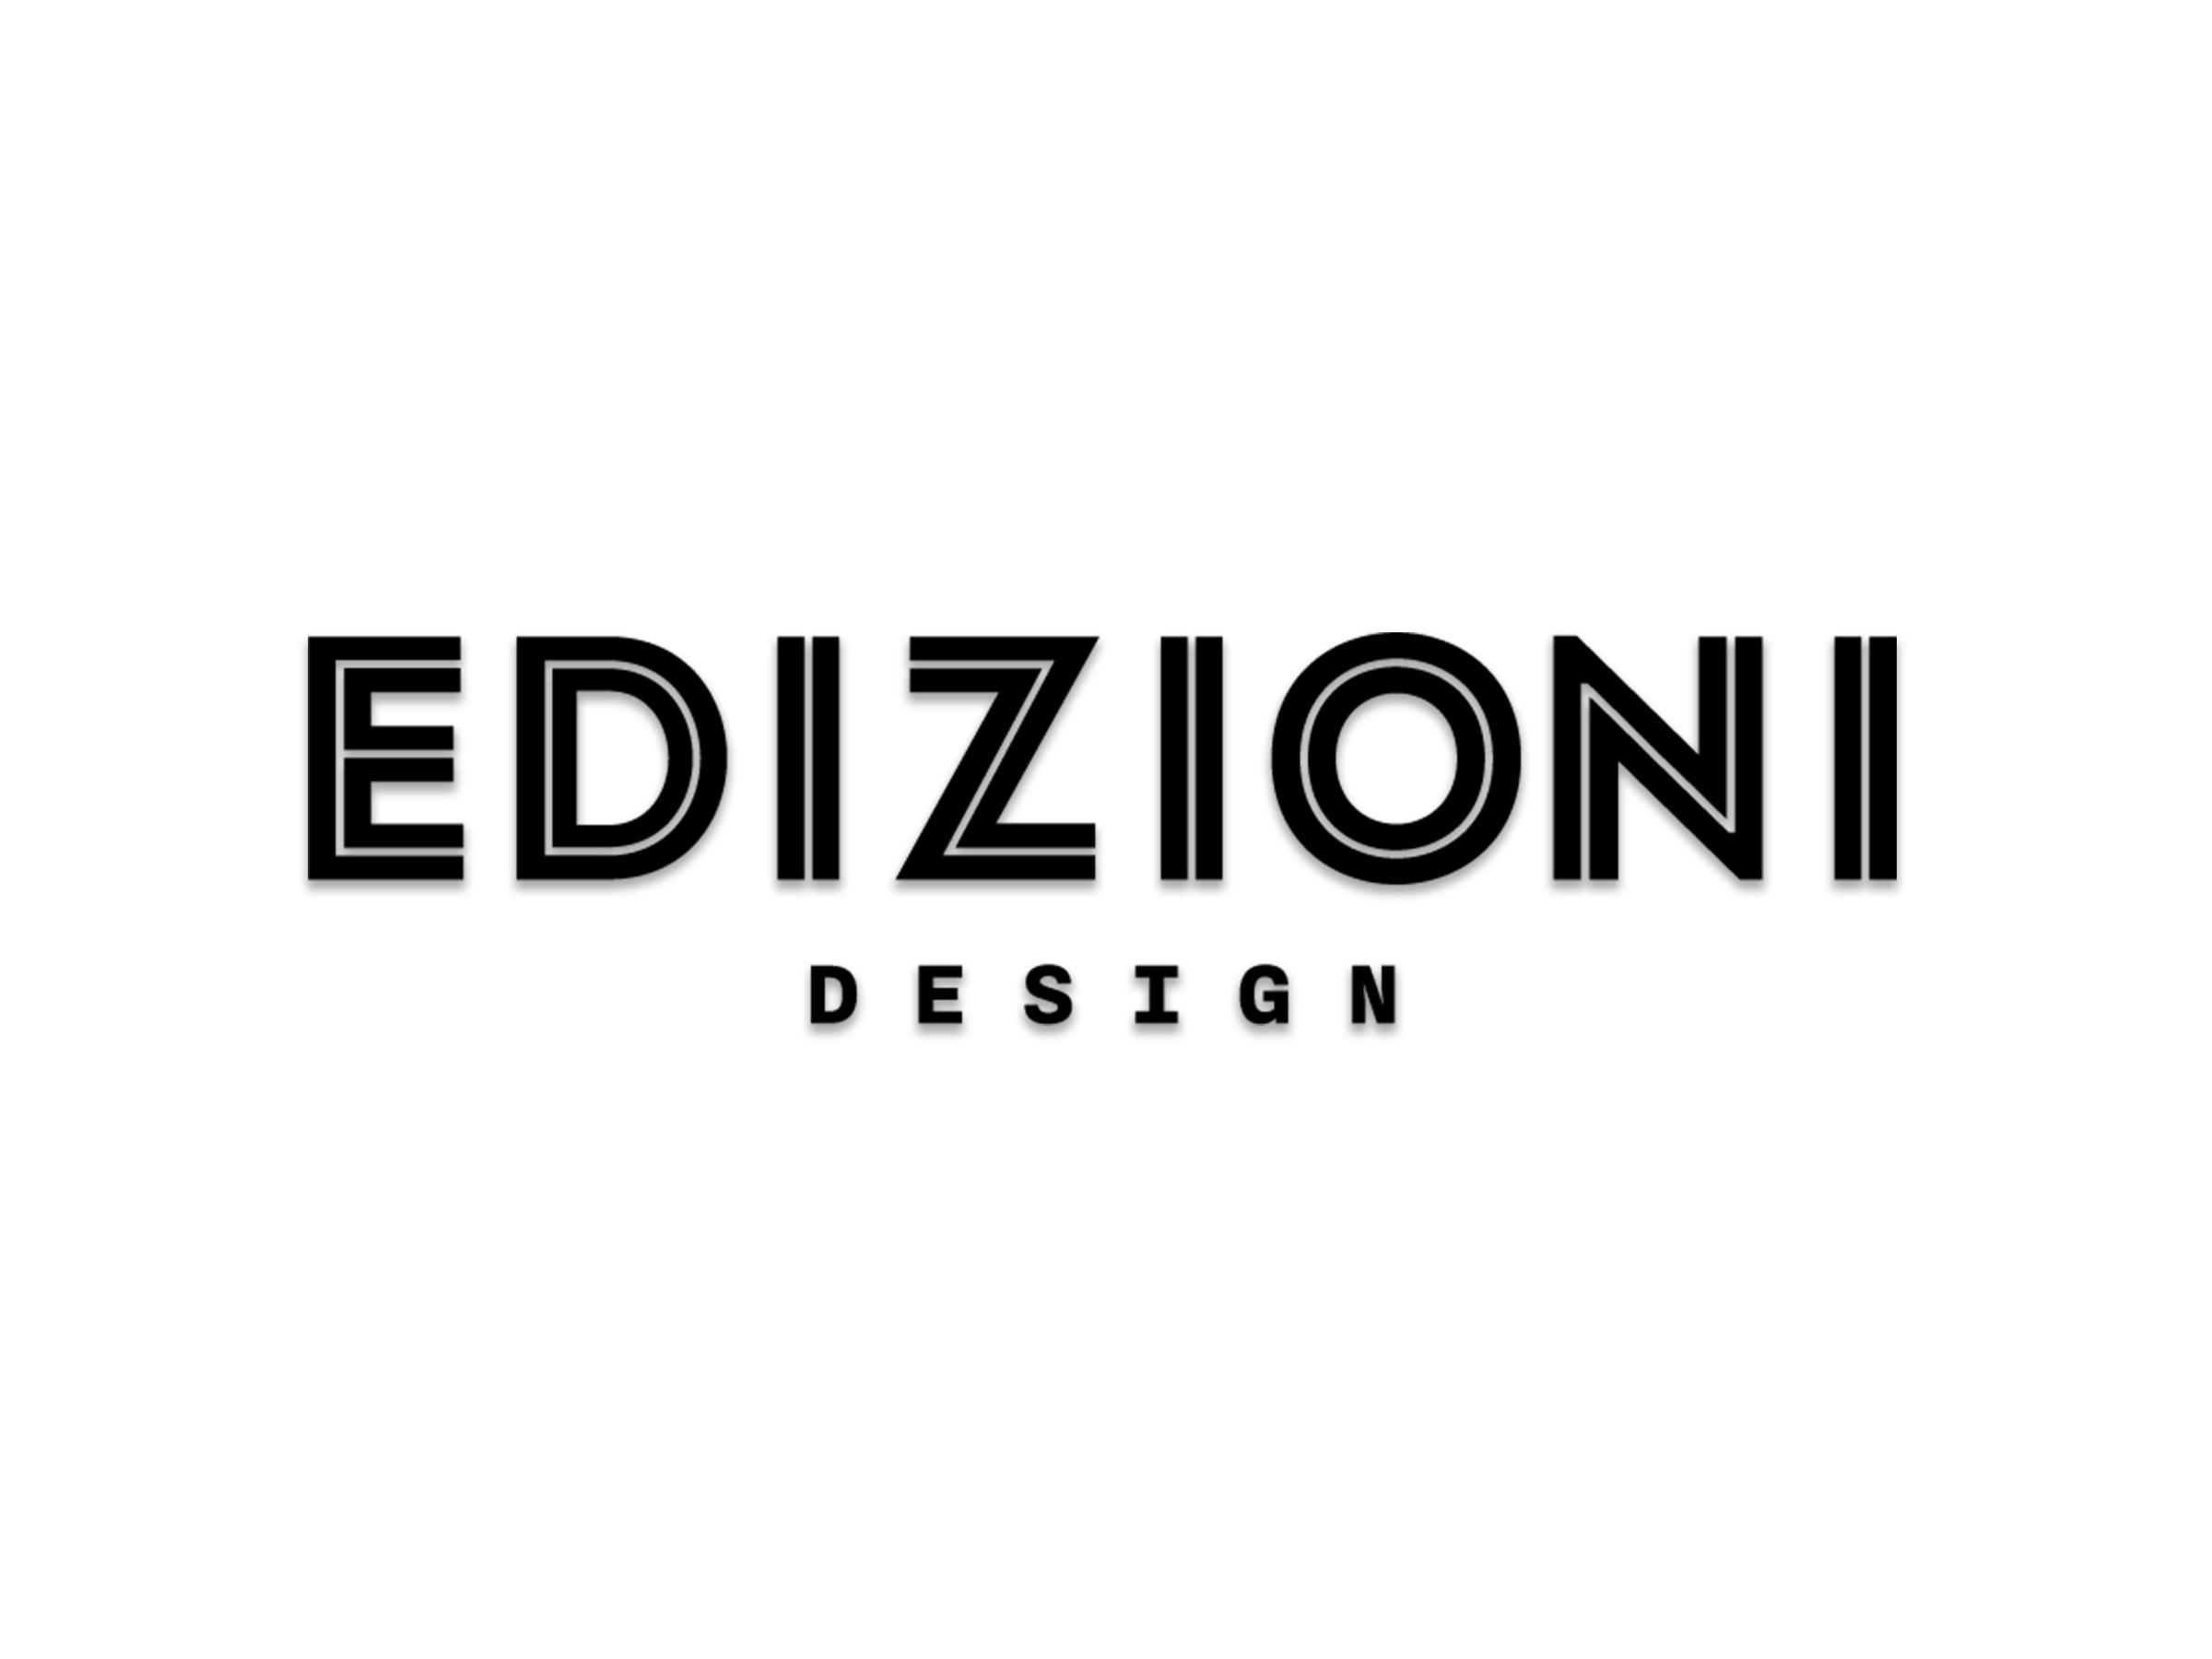 Edizioni Design